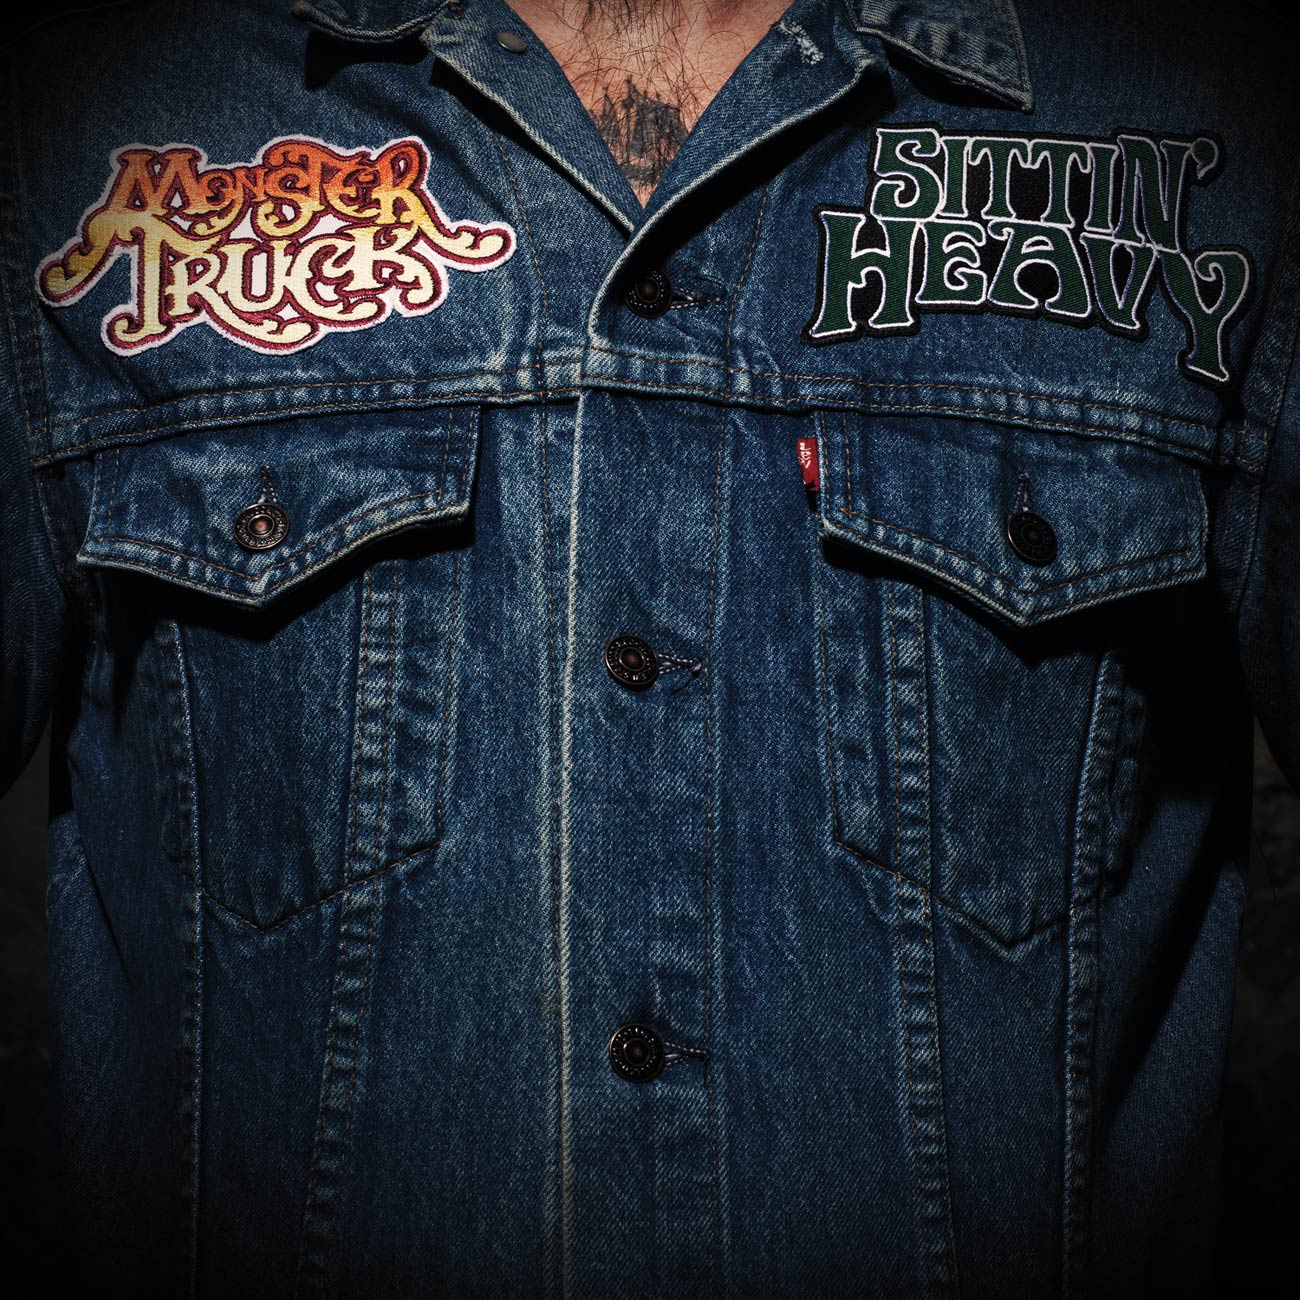 Monster-Truck-sittin heavy cover